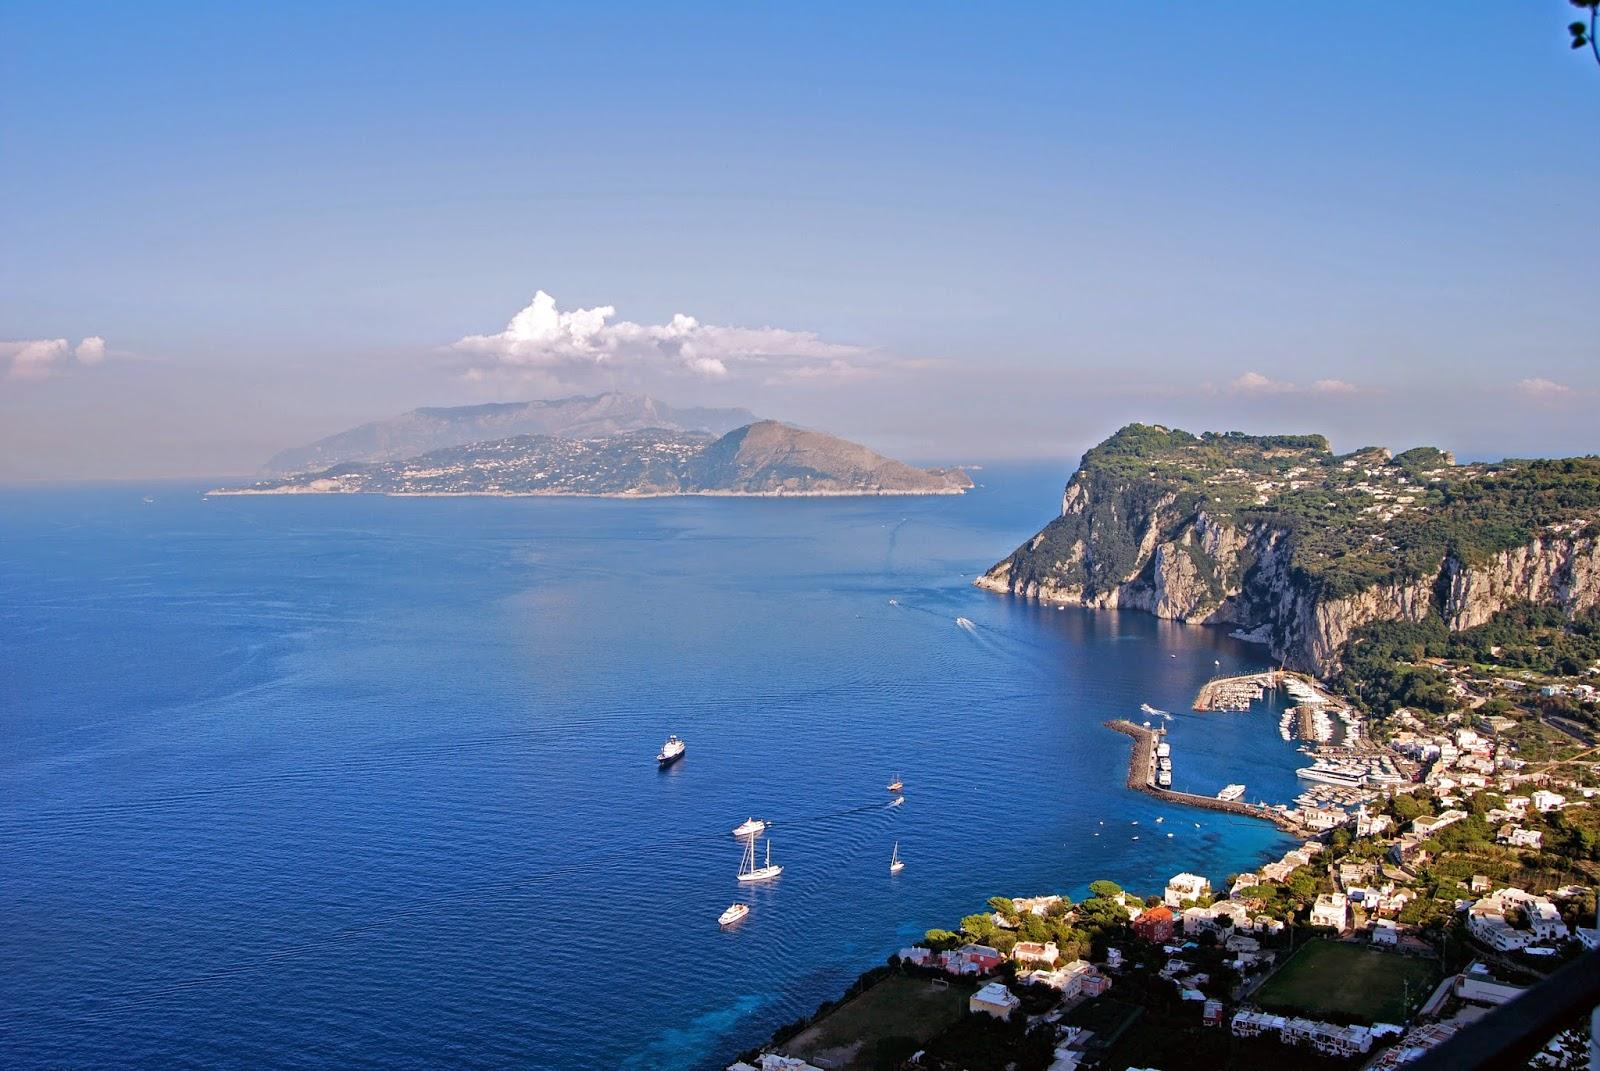 Habitually chic chic in capri villa san michele for Capri villa